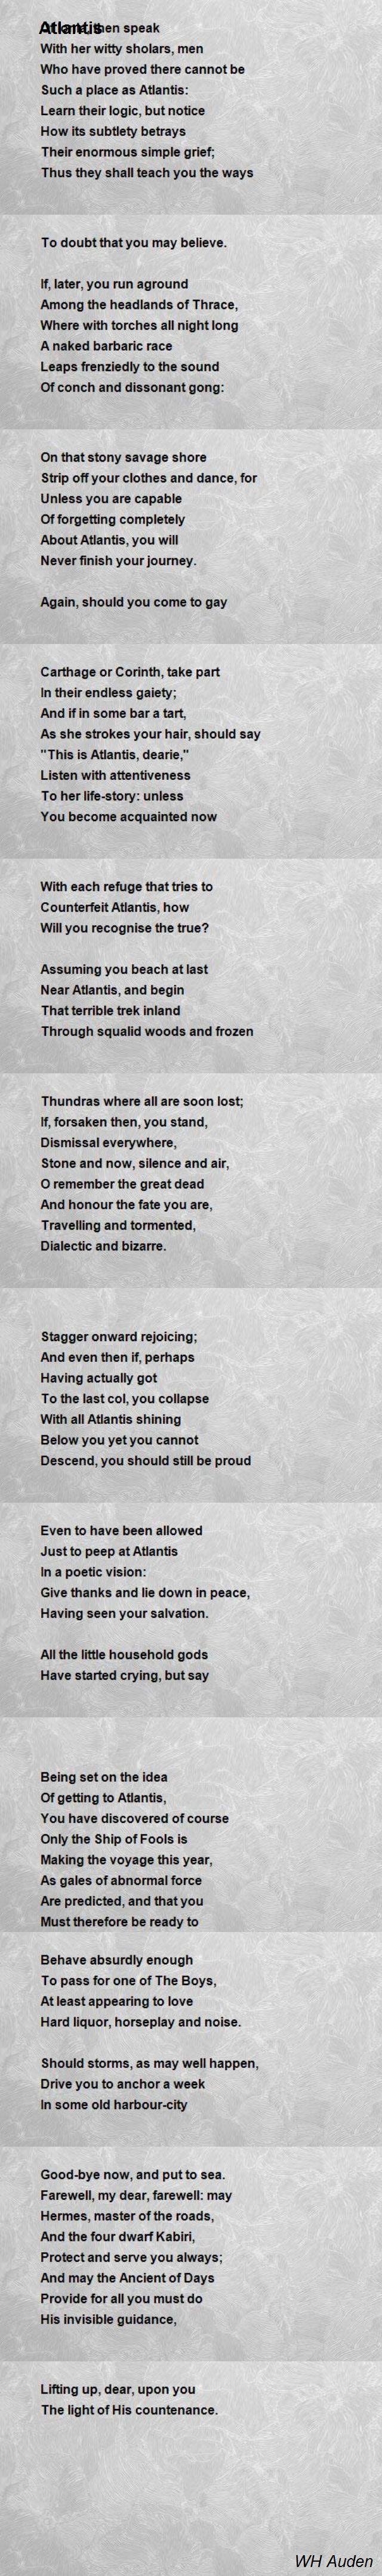 Atlantis Poem by Wystan Hugh Auden - Poem Hunter